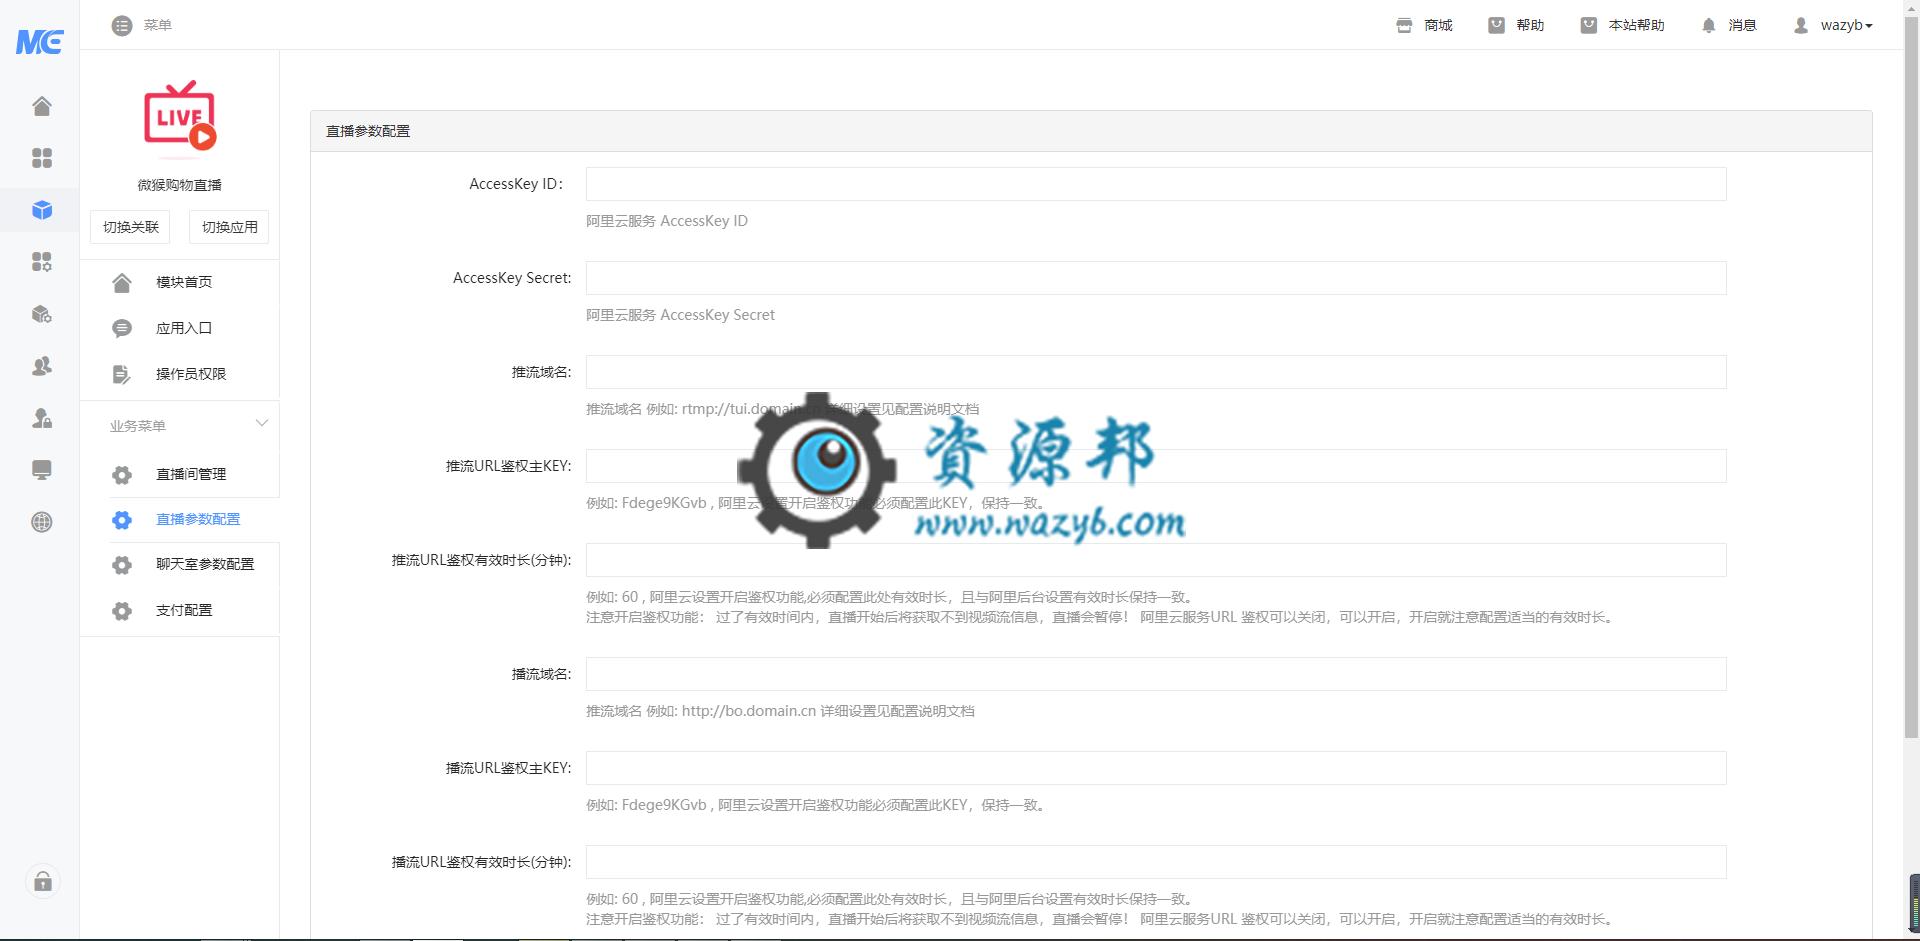 【首发限时收费】微猴购物直播源码包更新【更新至V1.0.13】 第3张